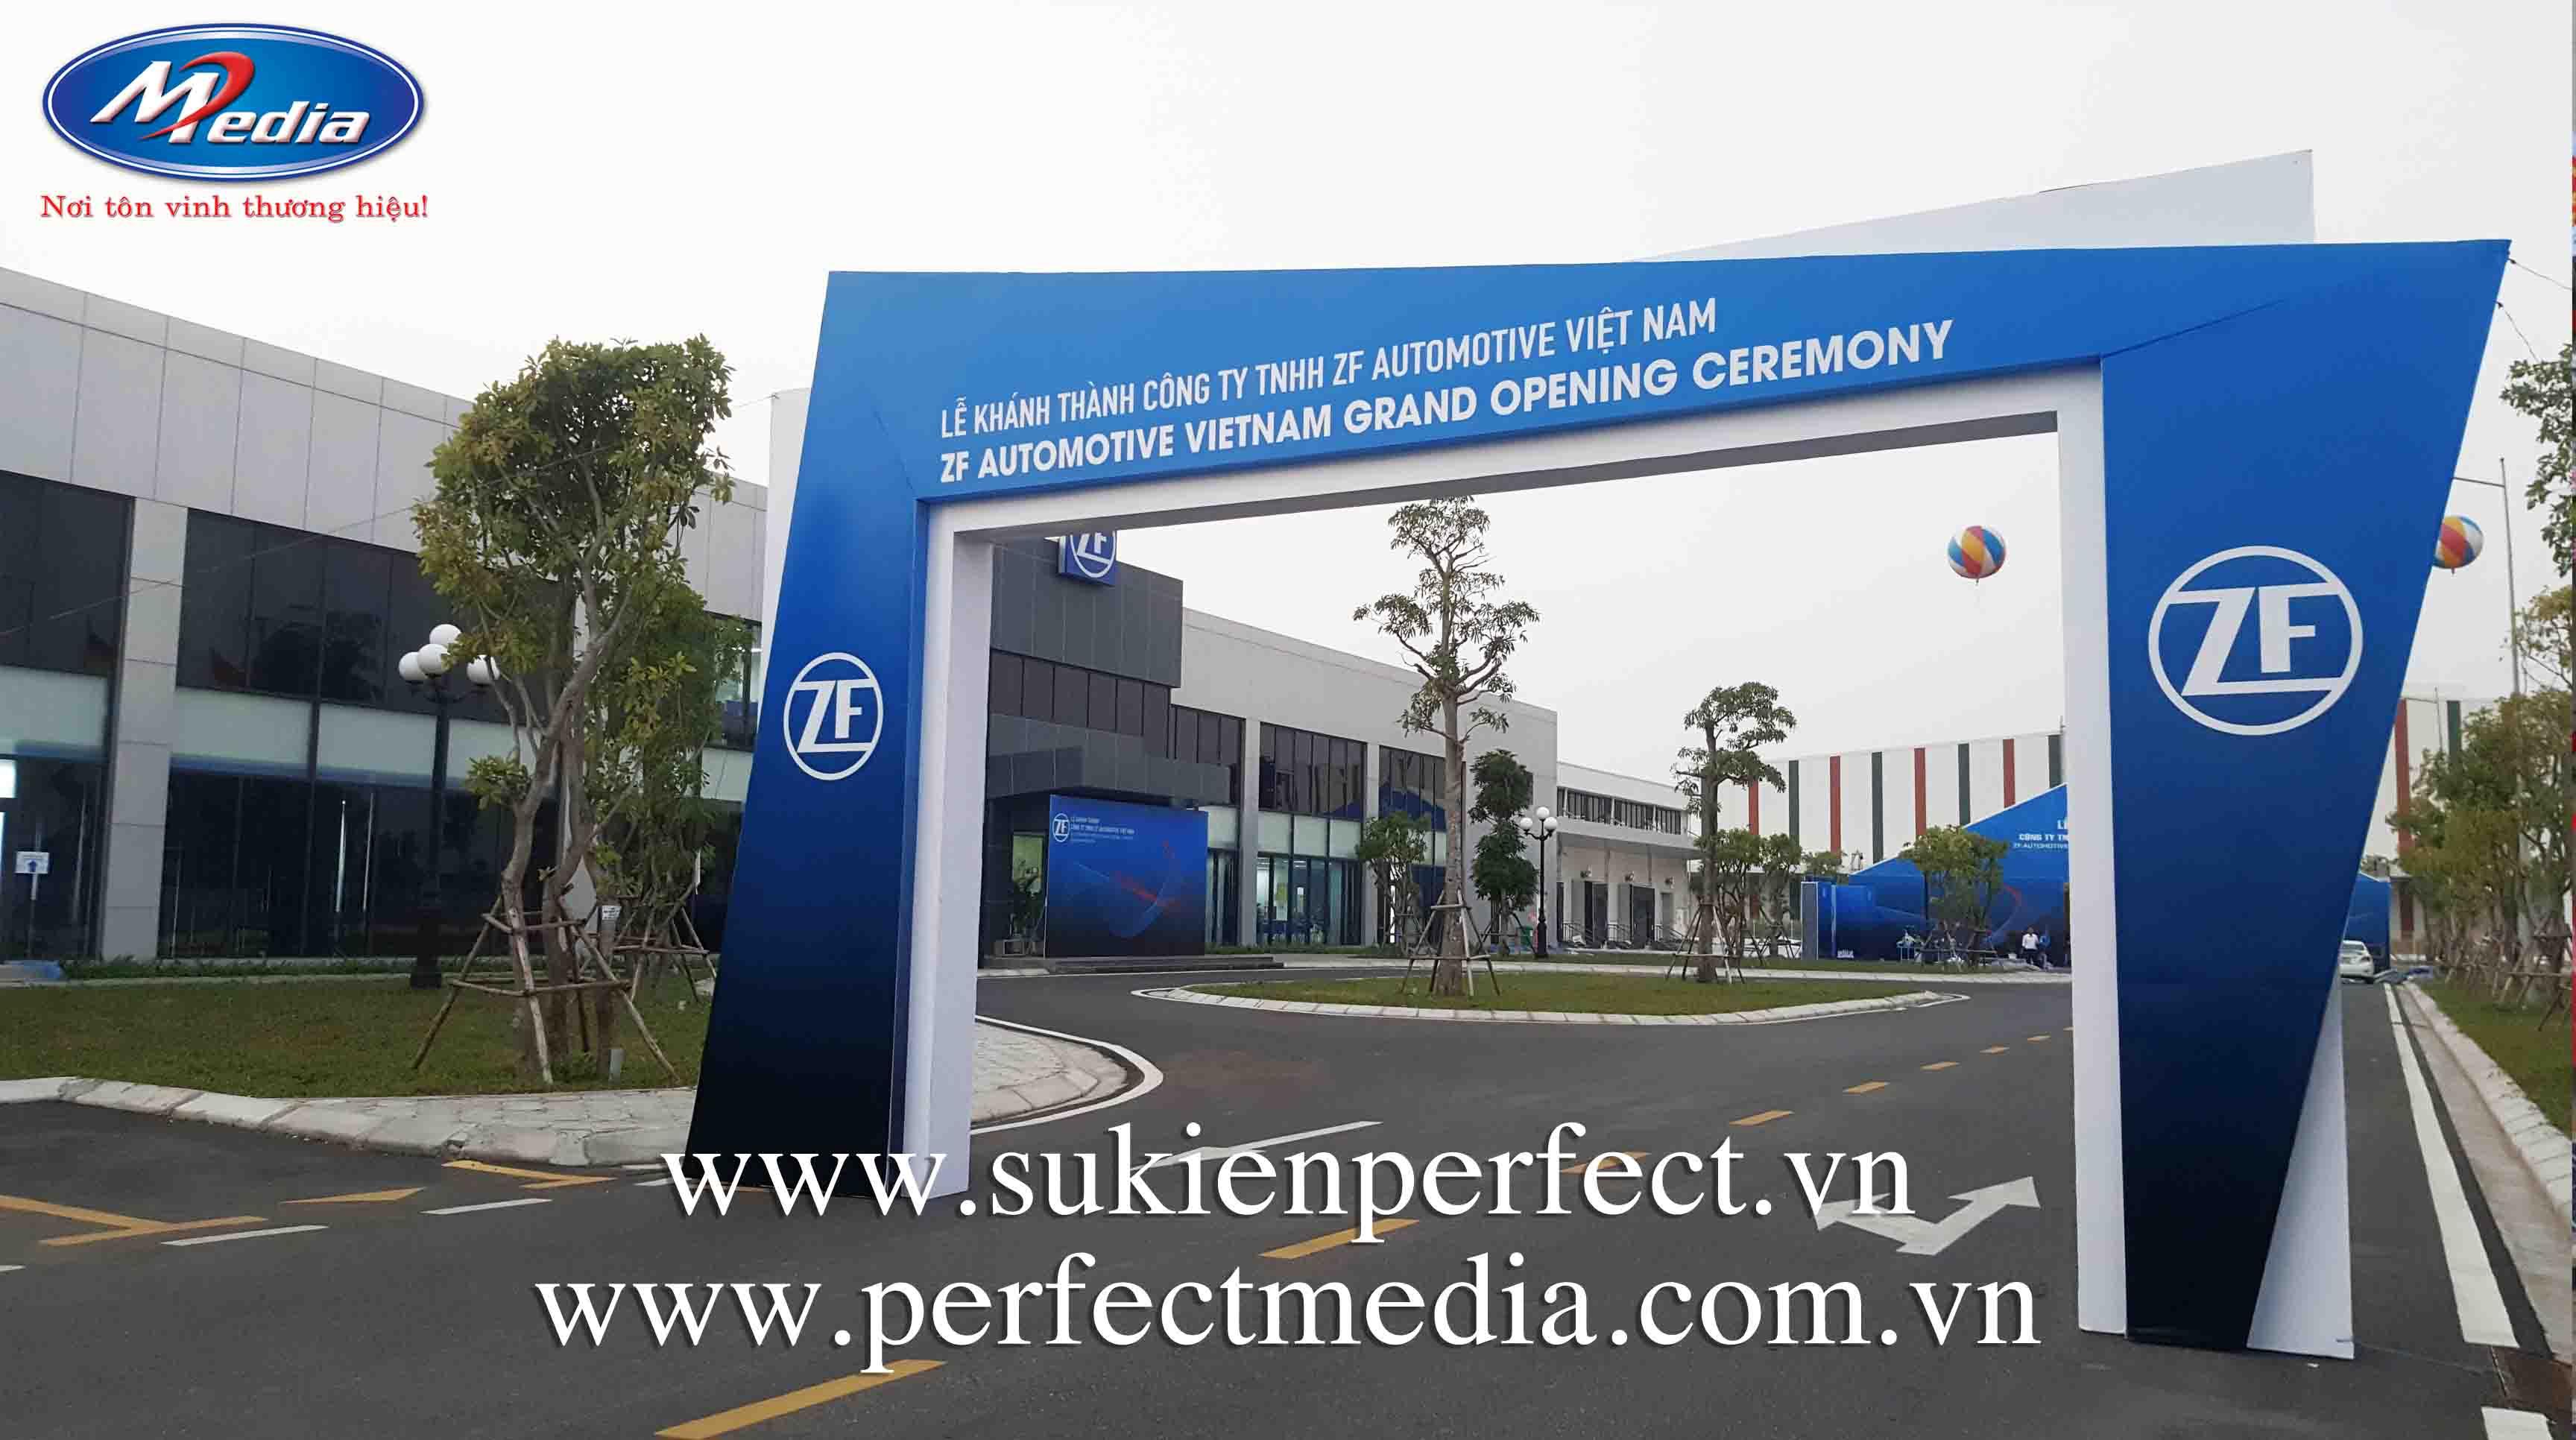 công ty Perfect Media còn cung cấp rất nhiều trang thiết bị khác để tổ chức Lễ khai trương, khánh thành chuyên nghiệp tại Hạ Long, Quảng Ninh